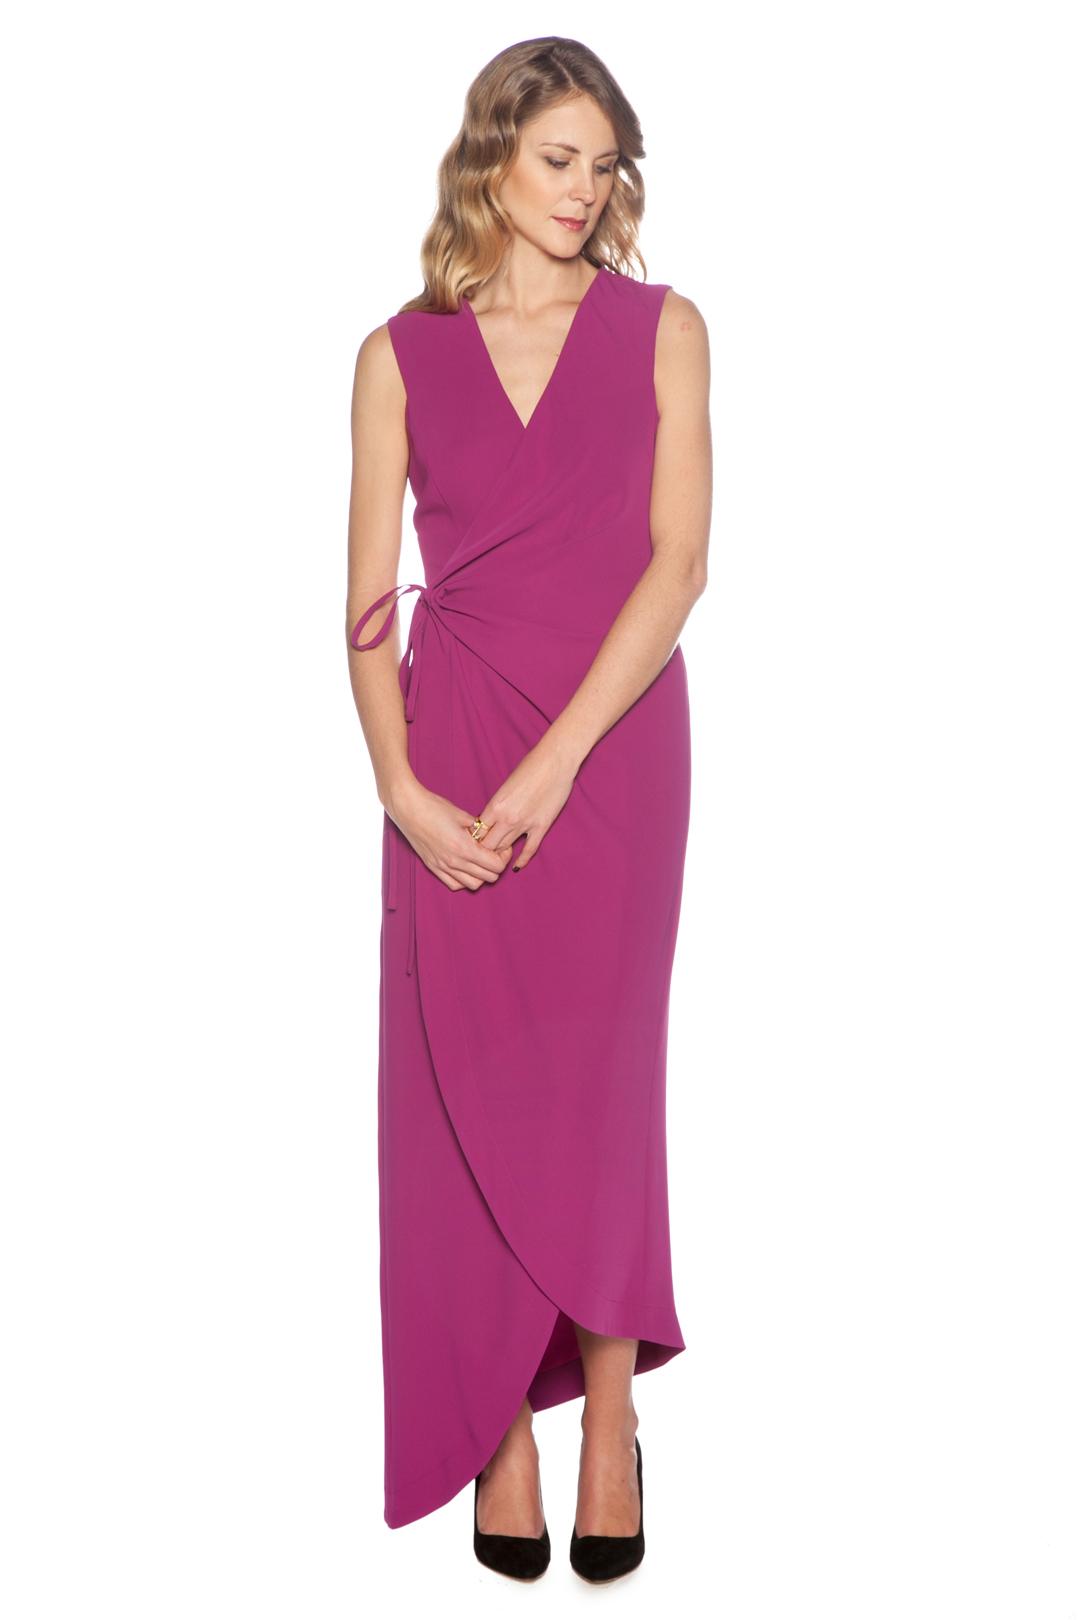 Vestido Sueño Buganvilla - Alquiler de Vestidos - La Más Mona